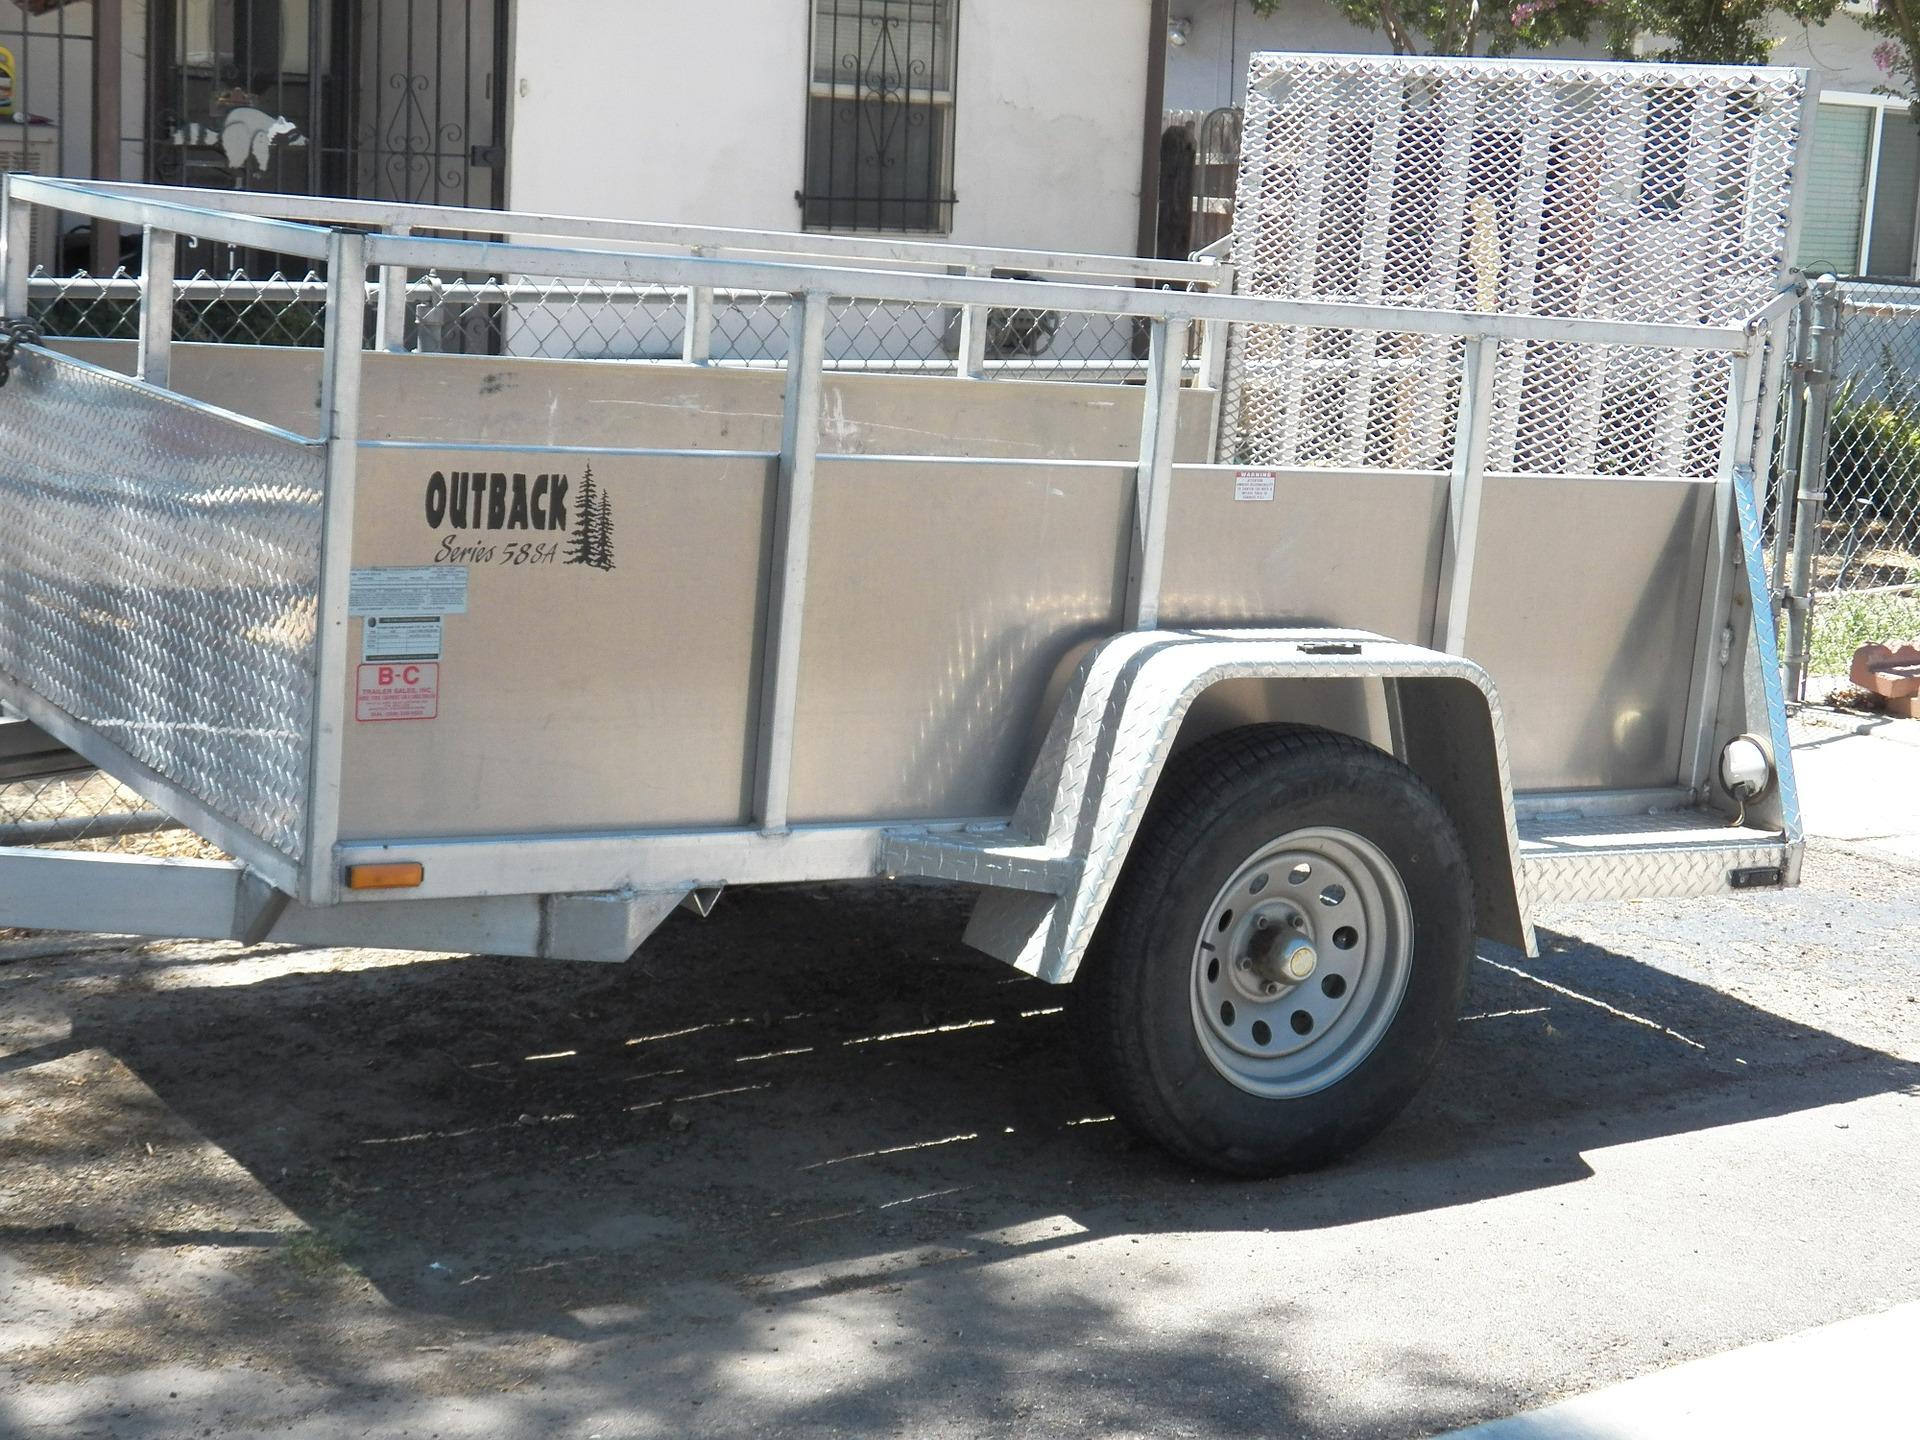 trailer-402017_1920.jpg